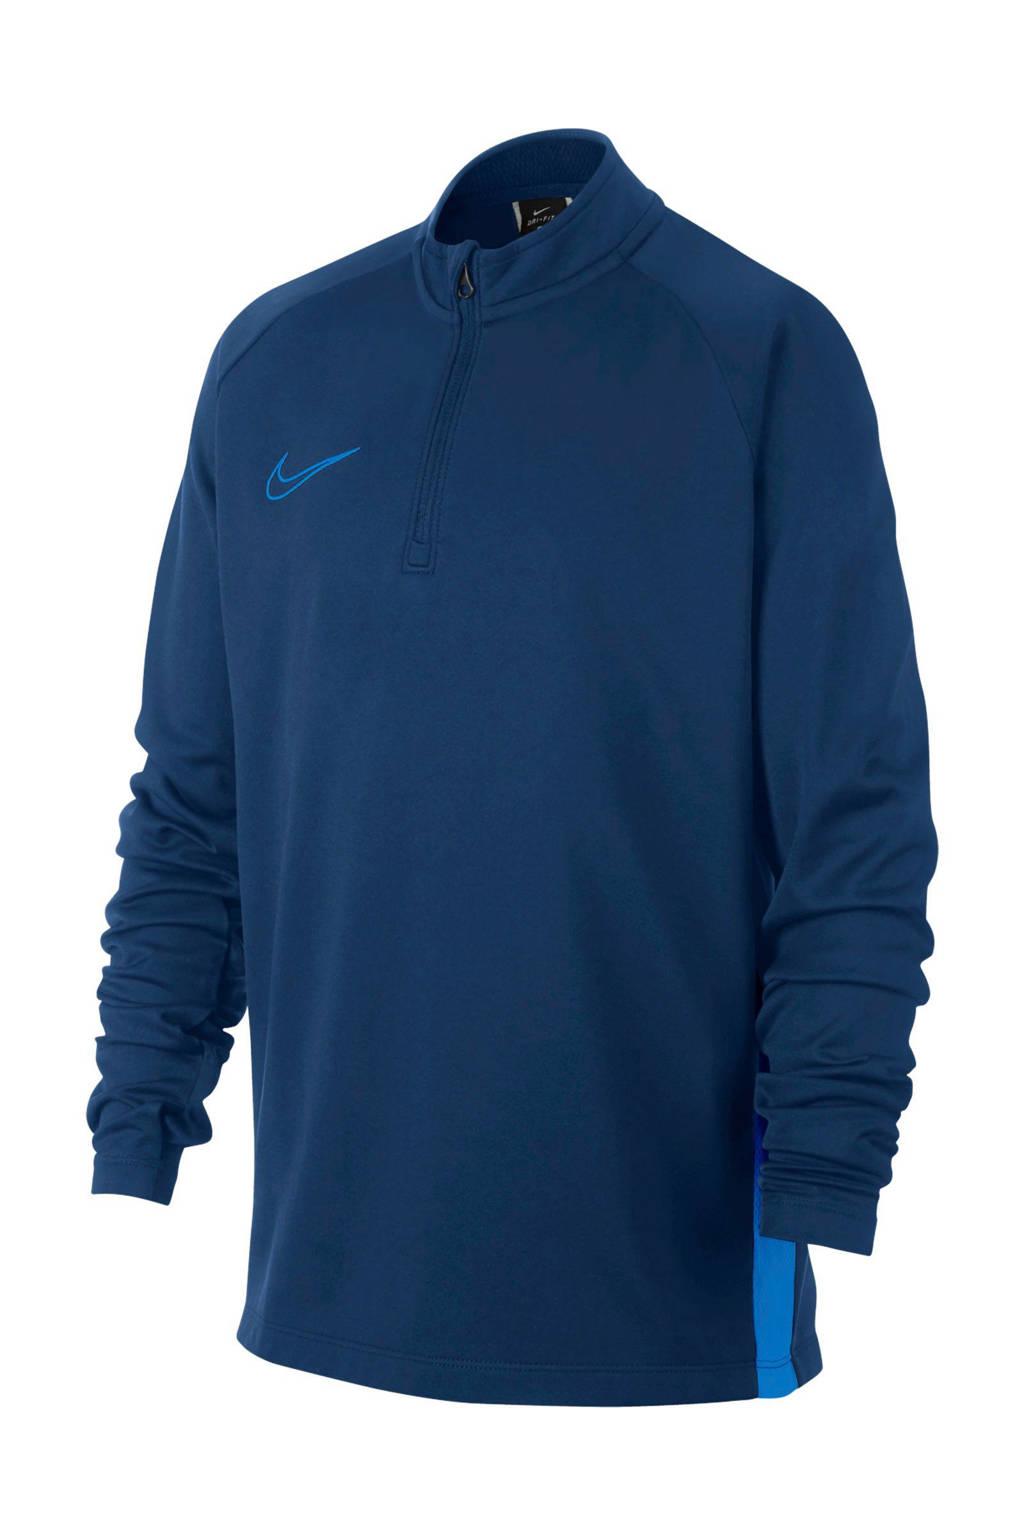 Nike   voetbalshirt, Blauw